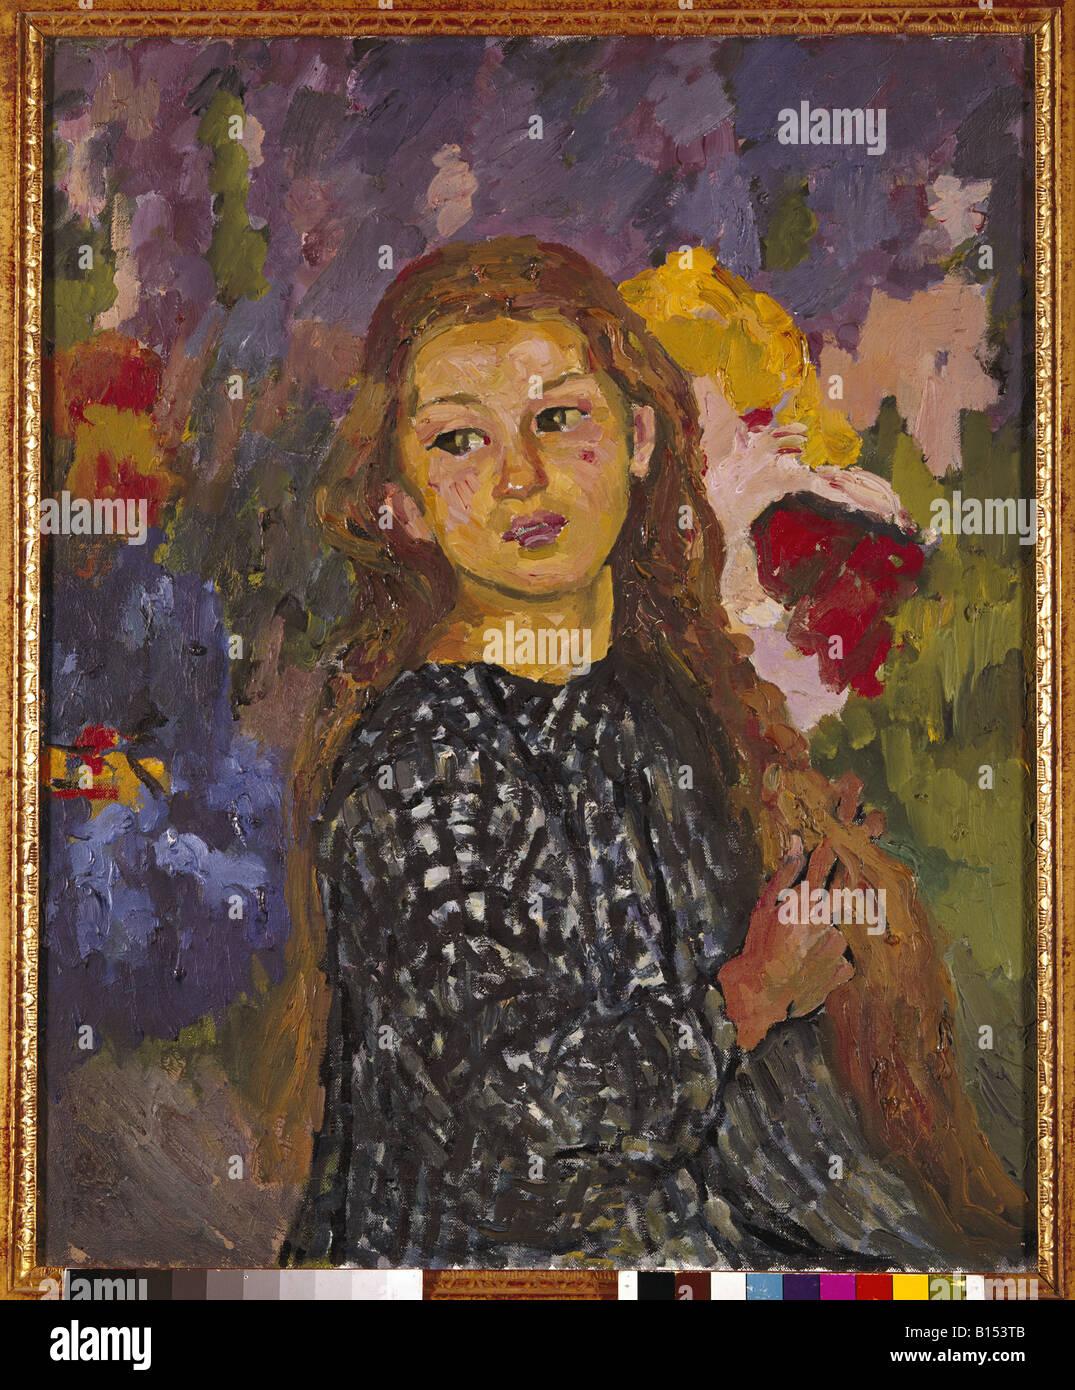 """Bellas artes, Giacometti, Giovanni (1868 - 1933), la pintura """"Retrato de Santa Otilia Giacometti', 1912, Imagen De Stock"""